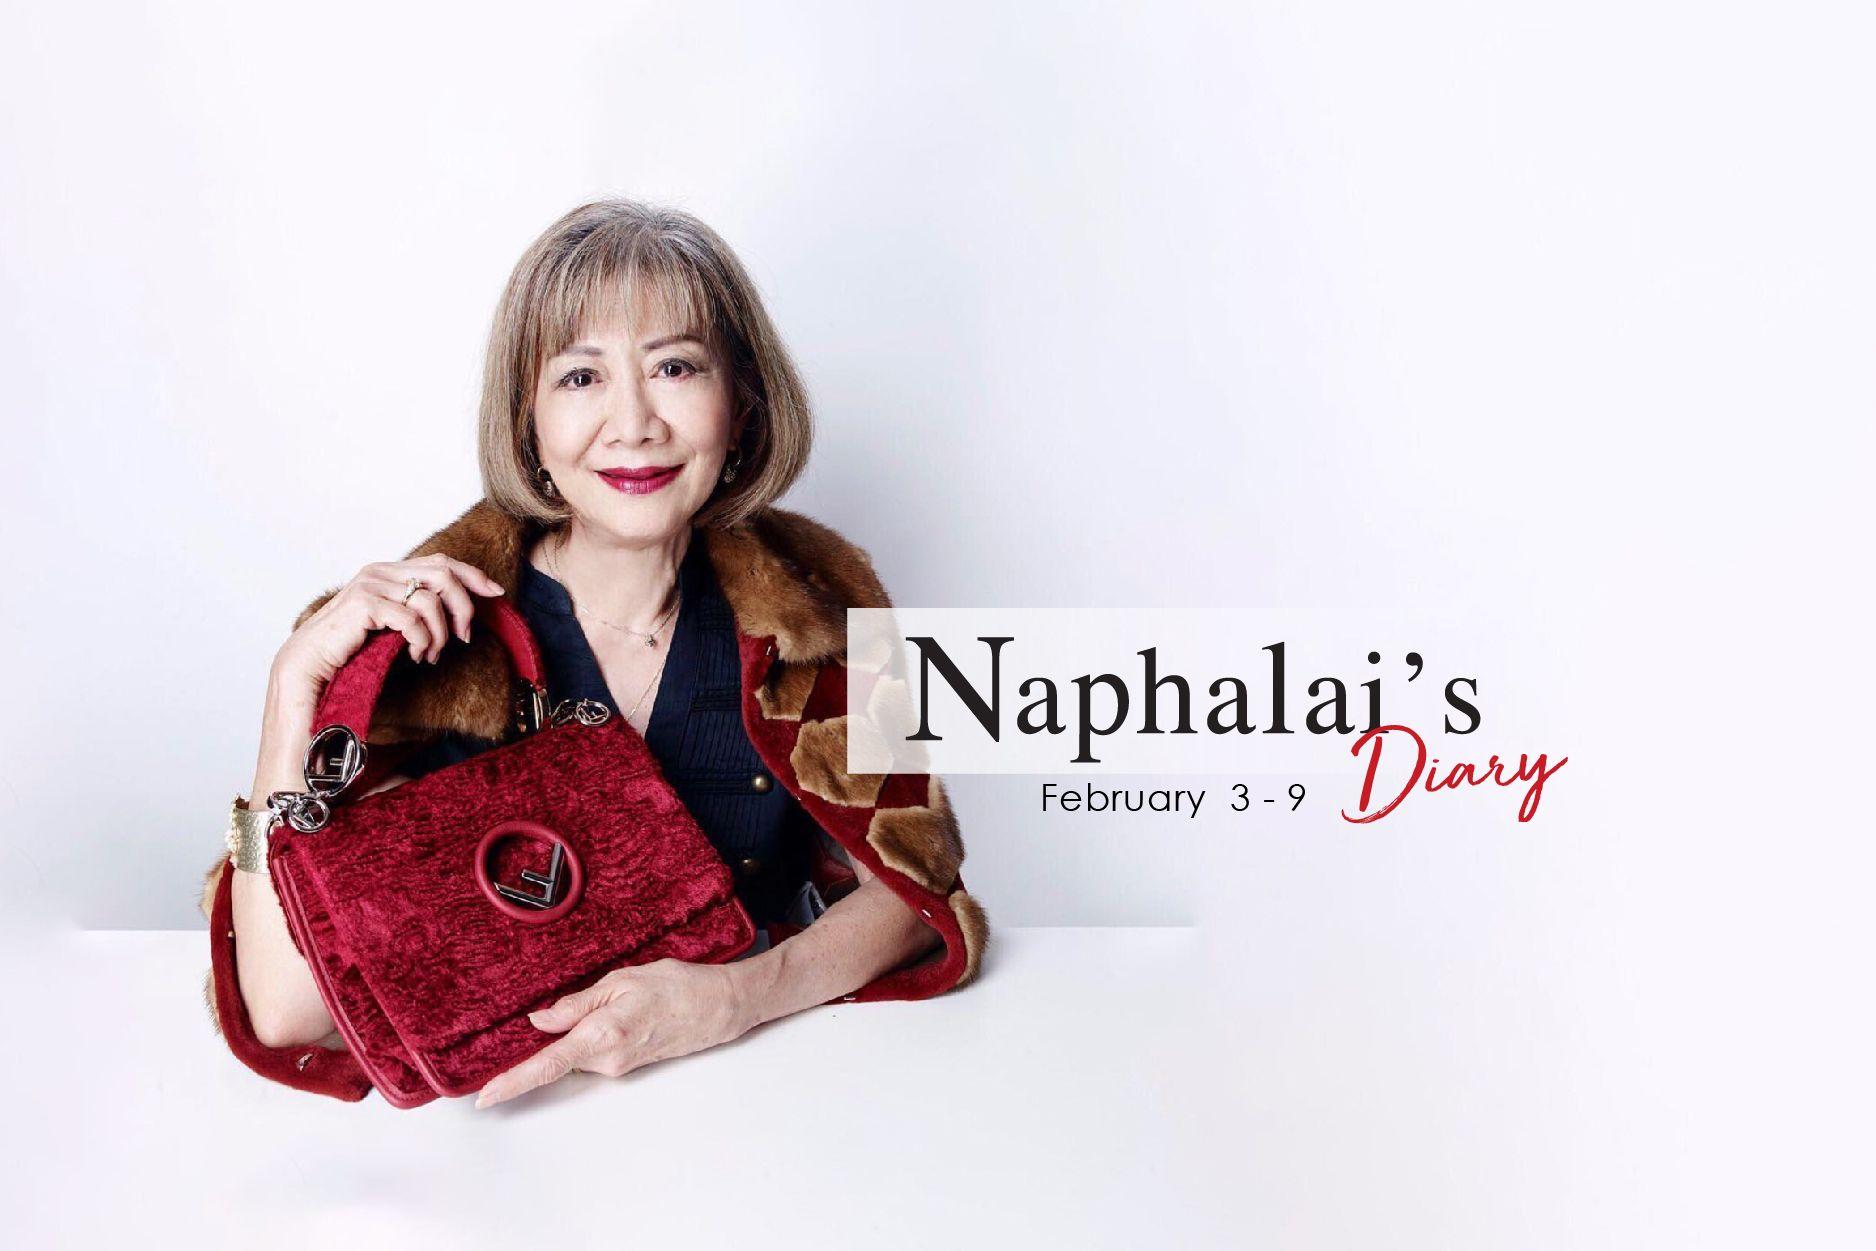 Naphalai's Diary: February 3-9